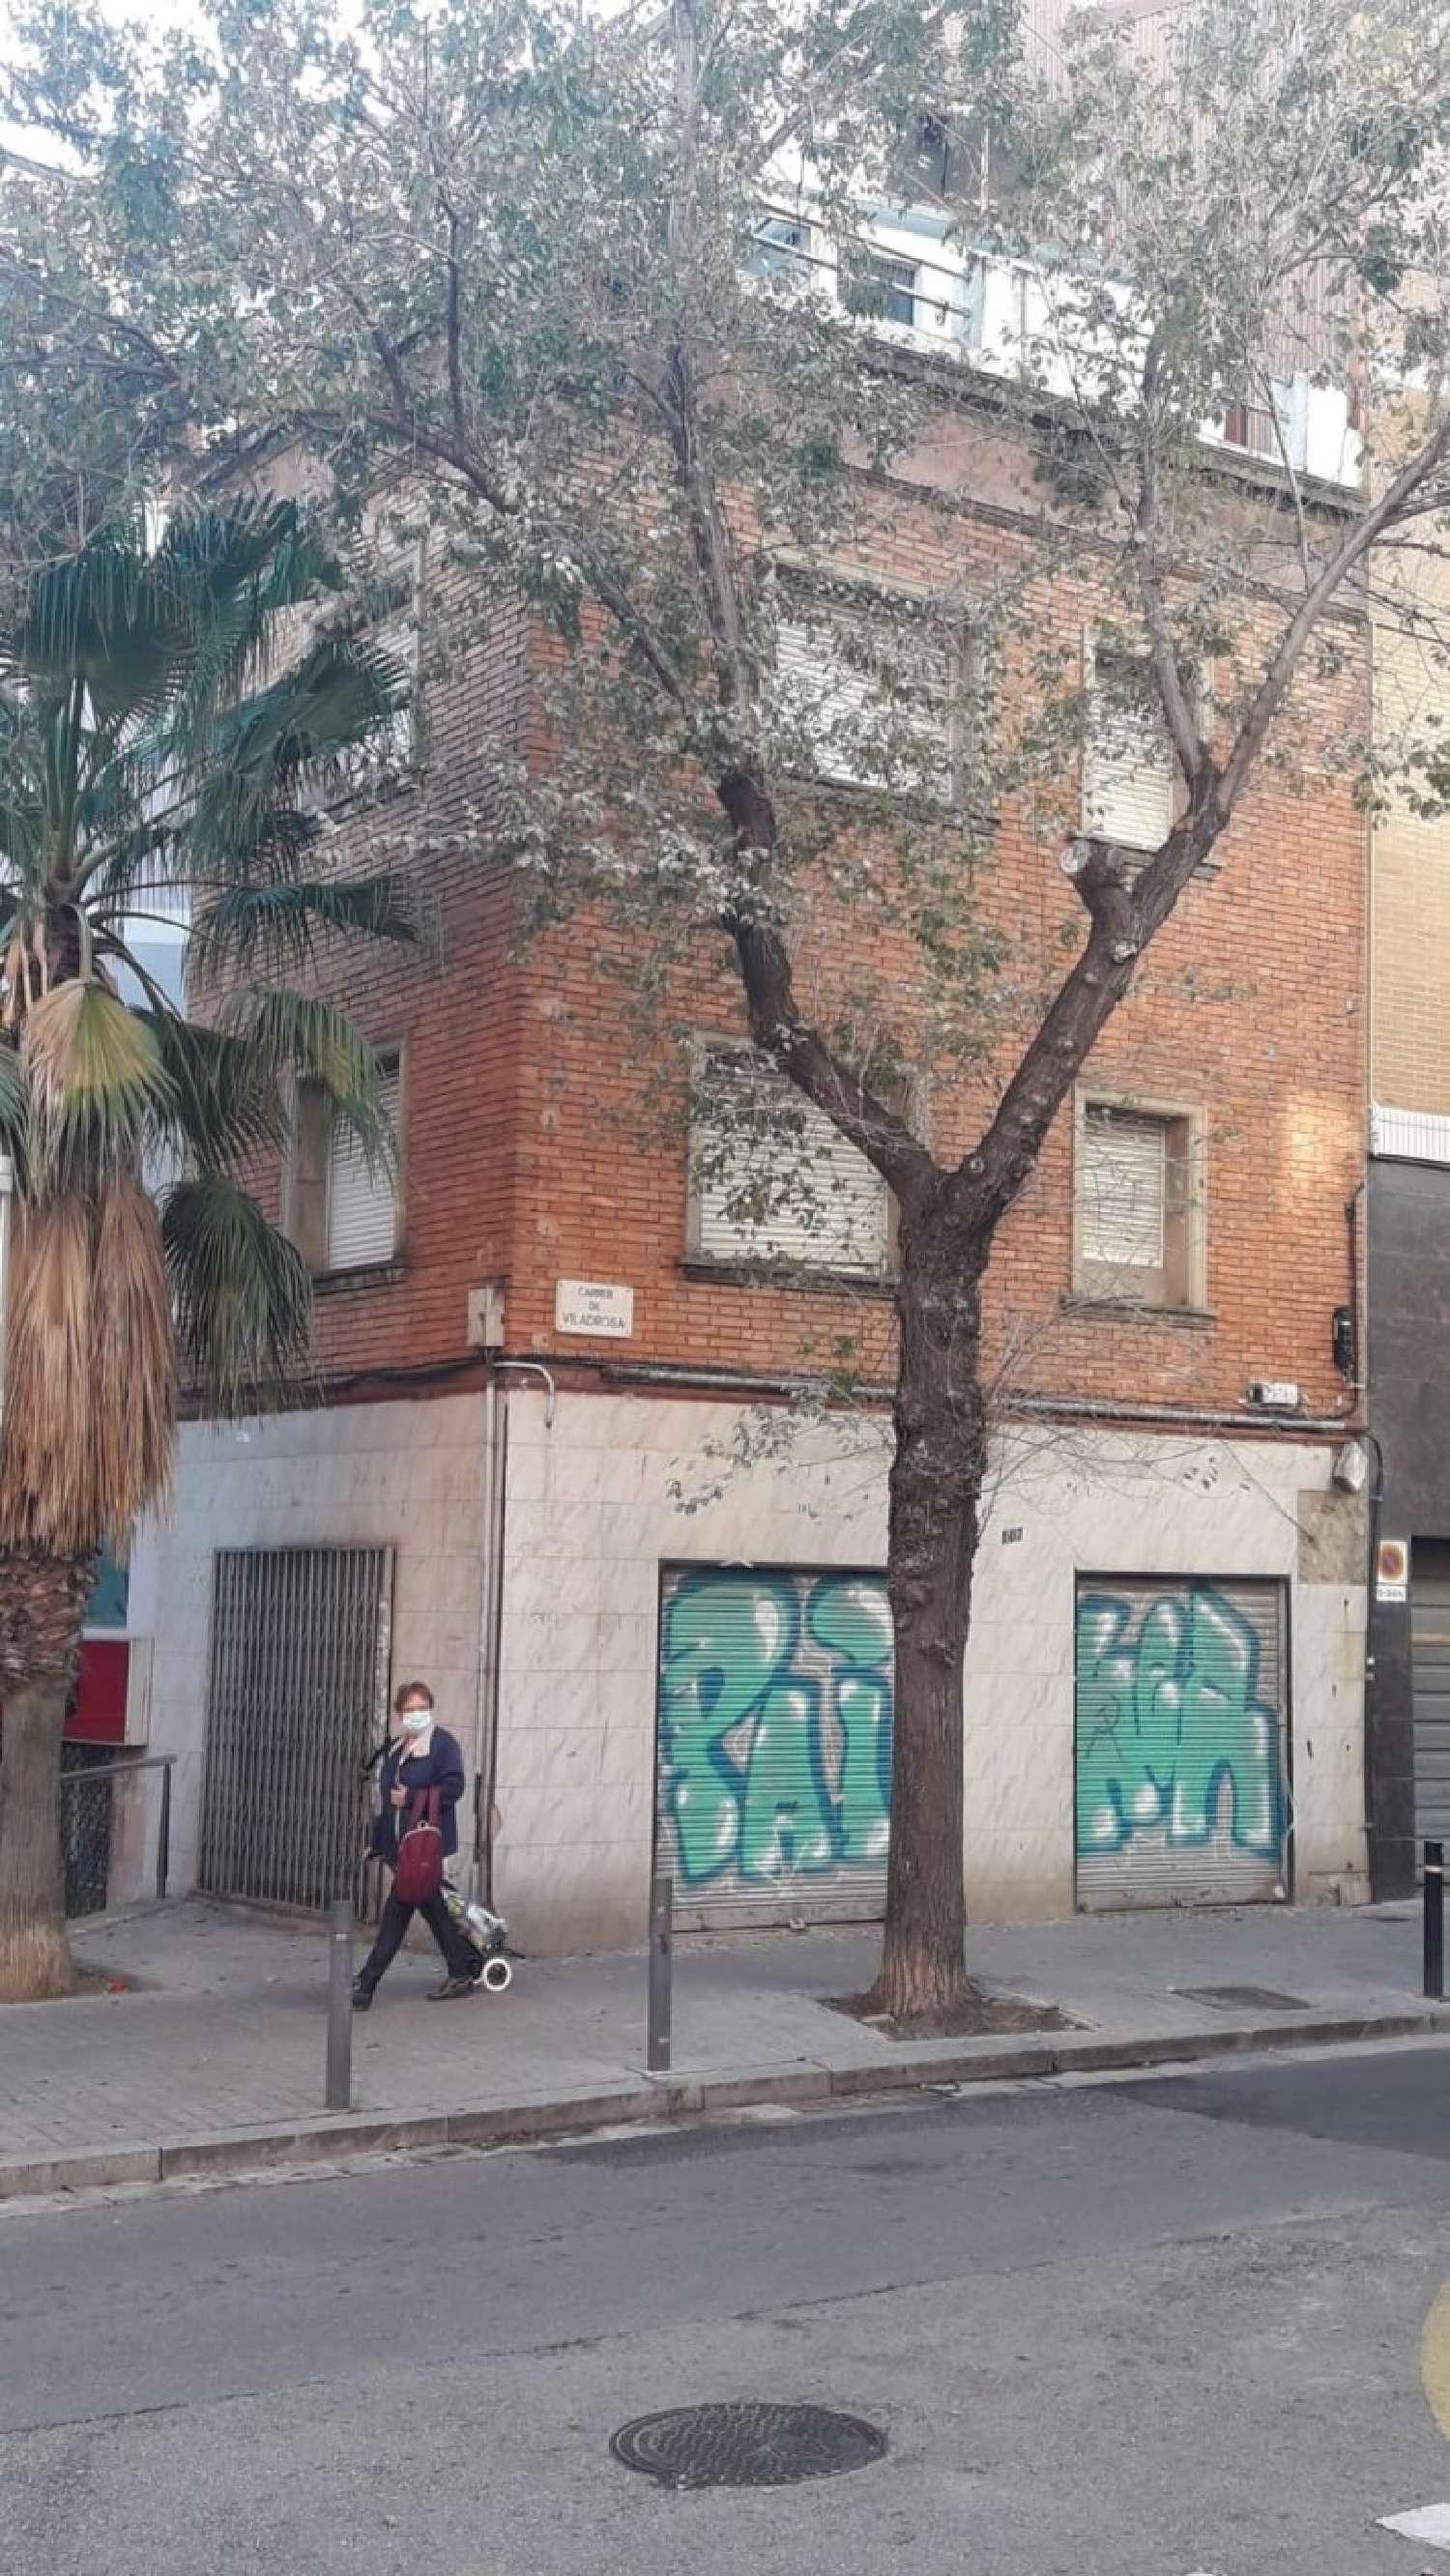 nou barris-la guineueta barcelona edificio foto 4605145